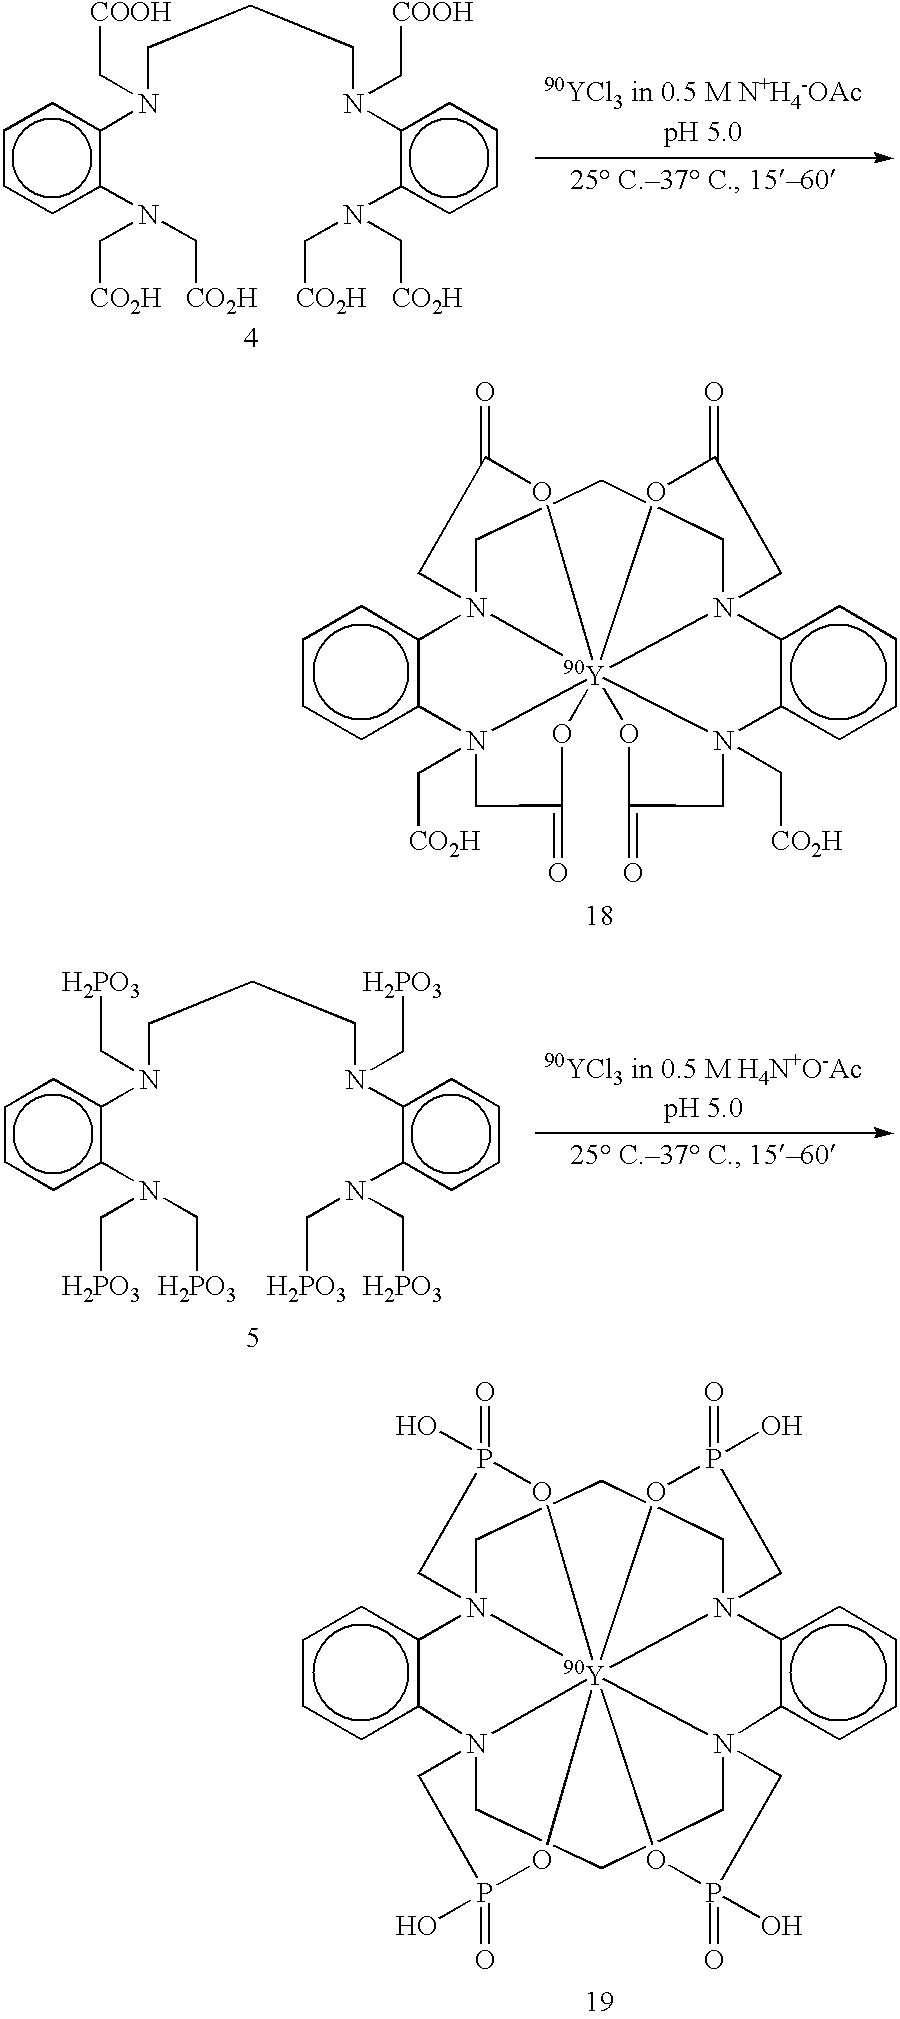 Figure US06528627-20030304-C00032